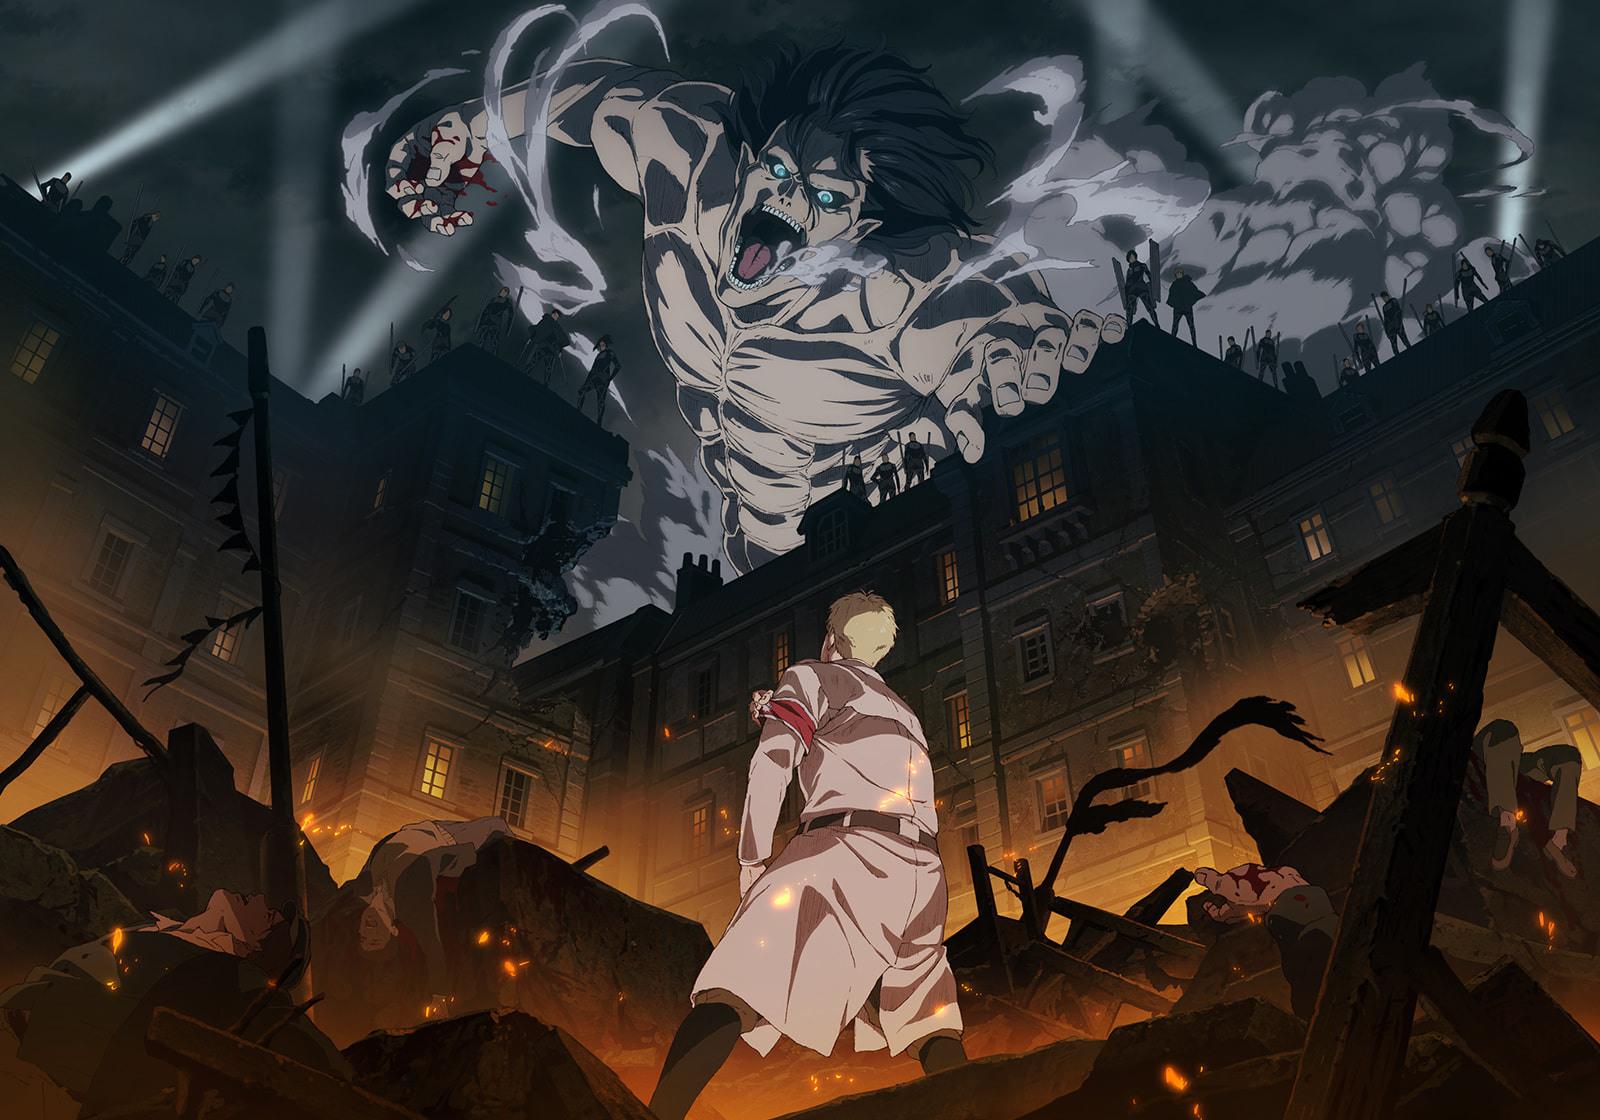 《进击的巨人The Final Season》最终季宣传动画放出,由MAPPA担任动画制作